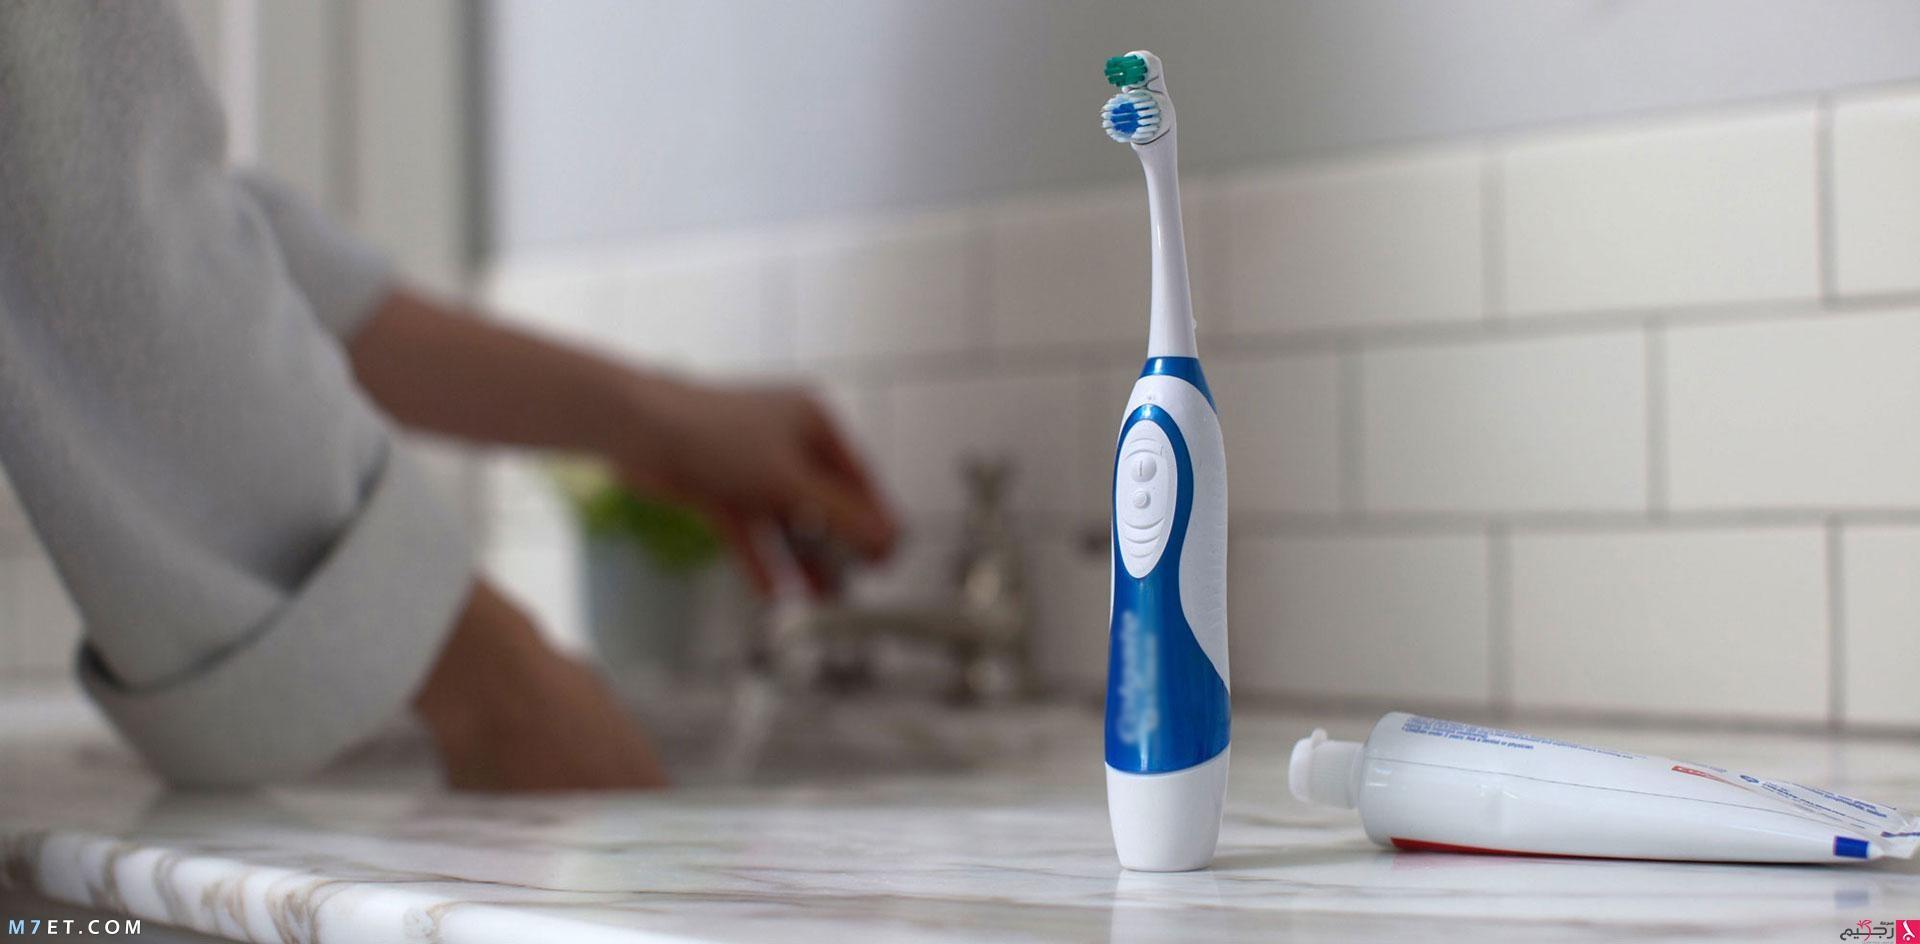 تبييض الأسنان في المنزل